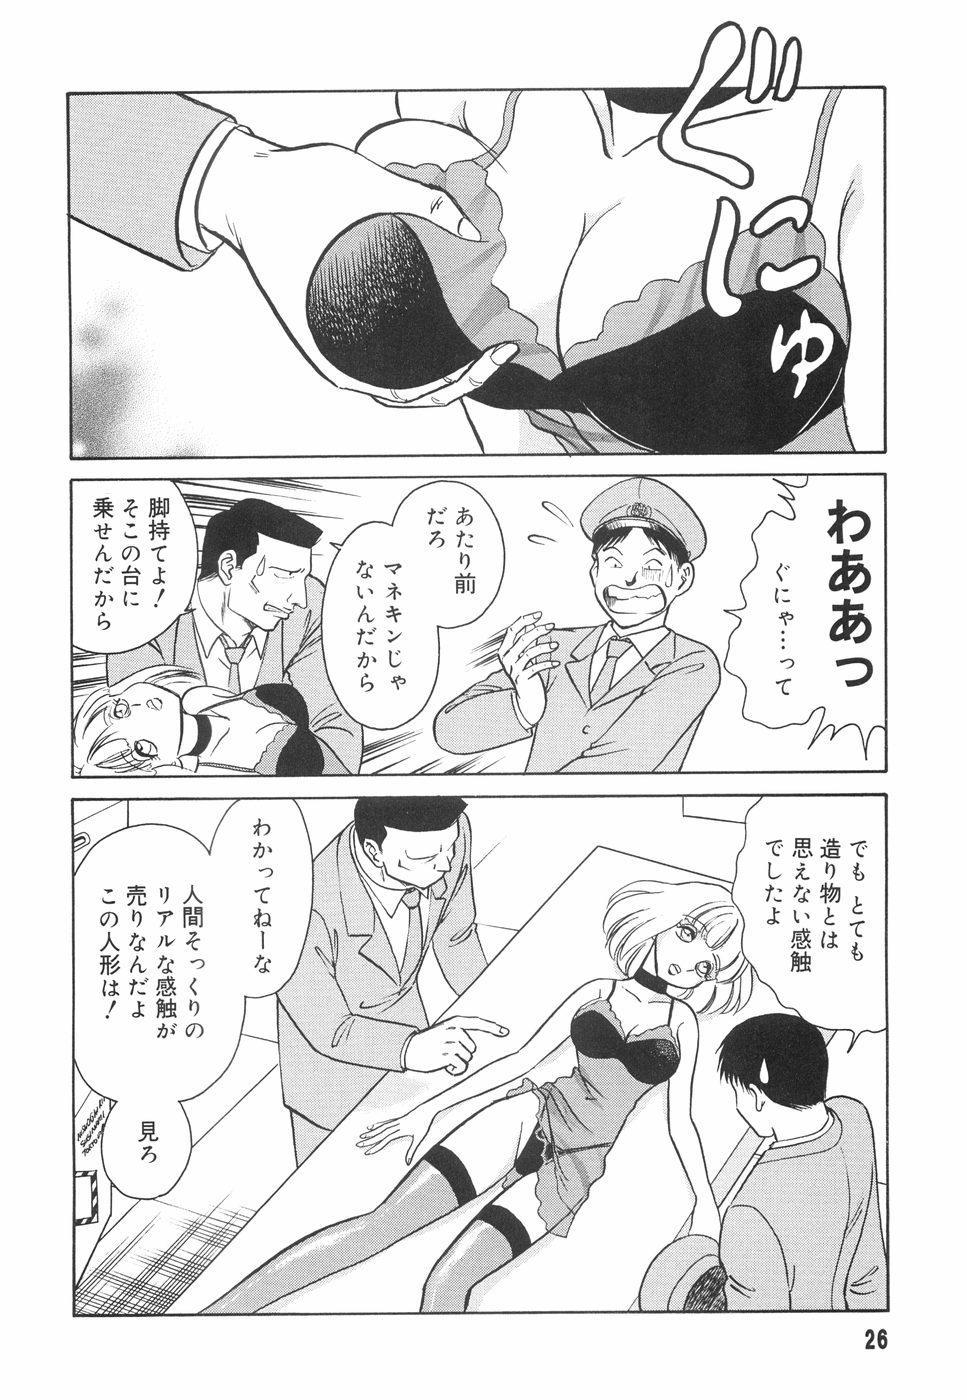 Hazukashime no Jikan 26